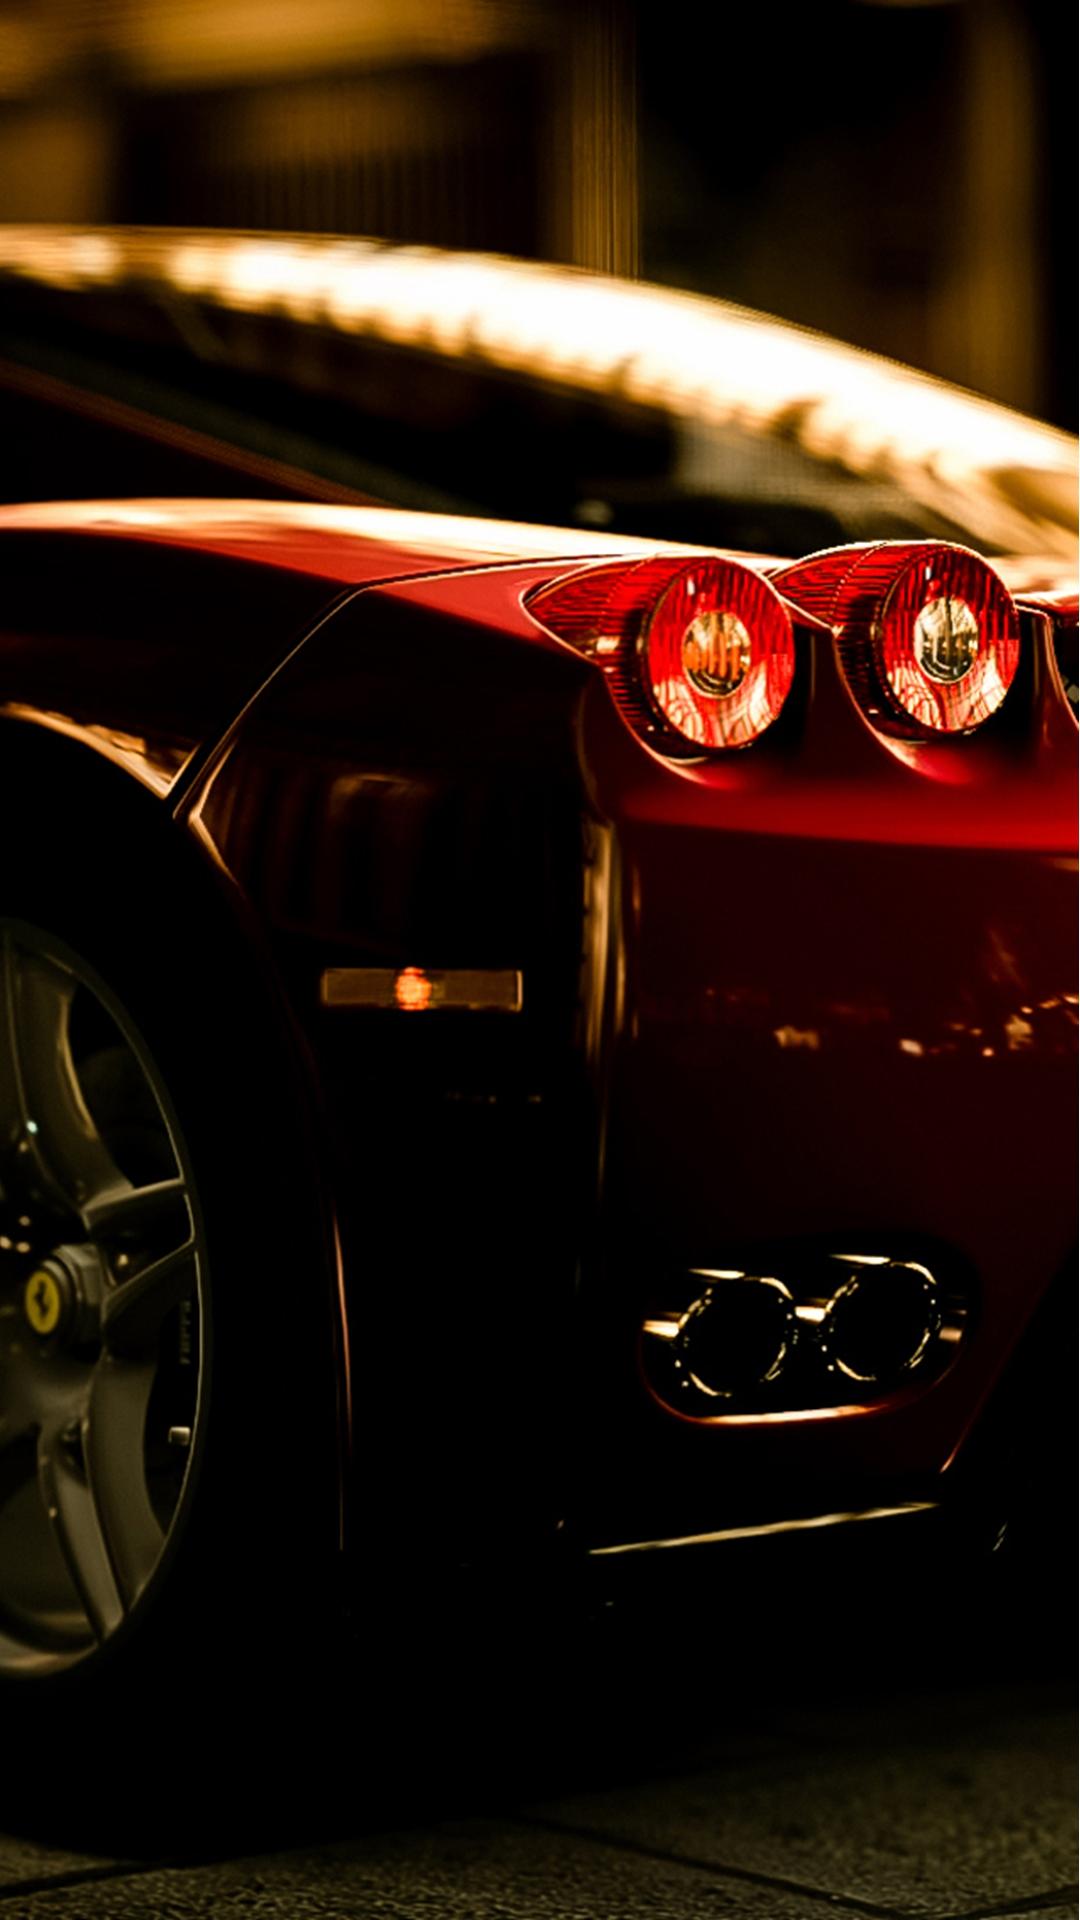 Ferrari Iphone Wallpapers